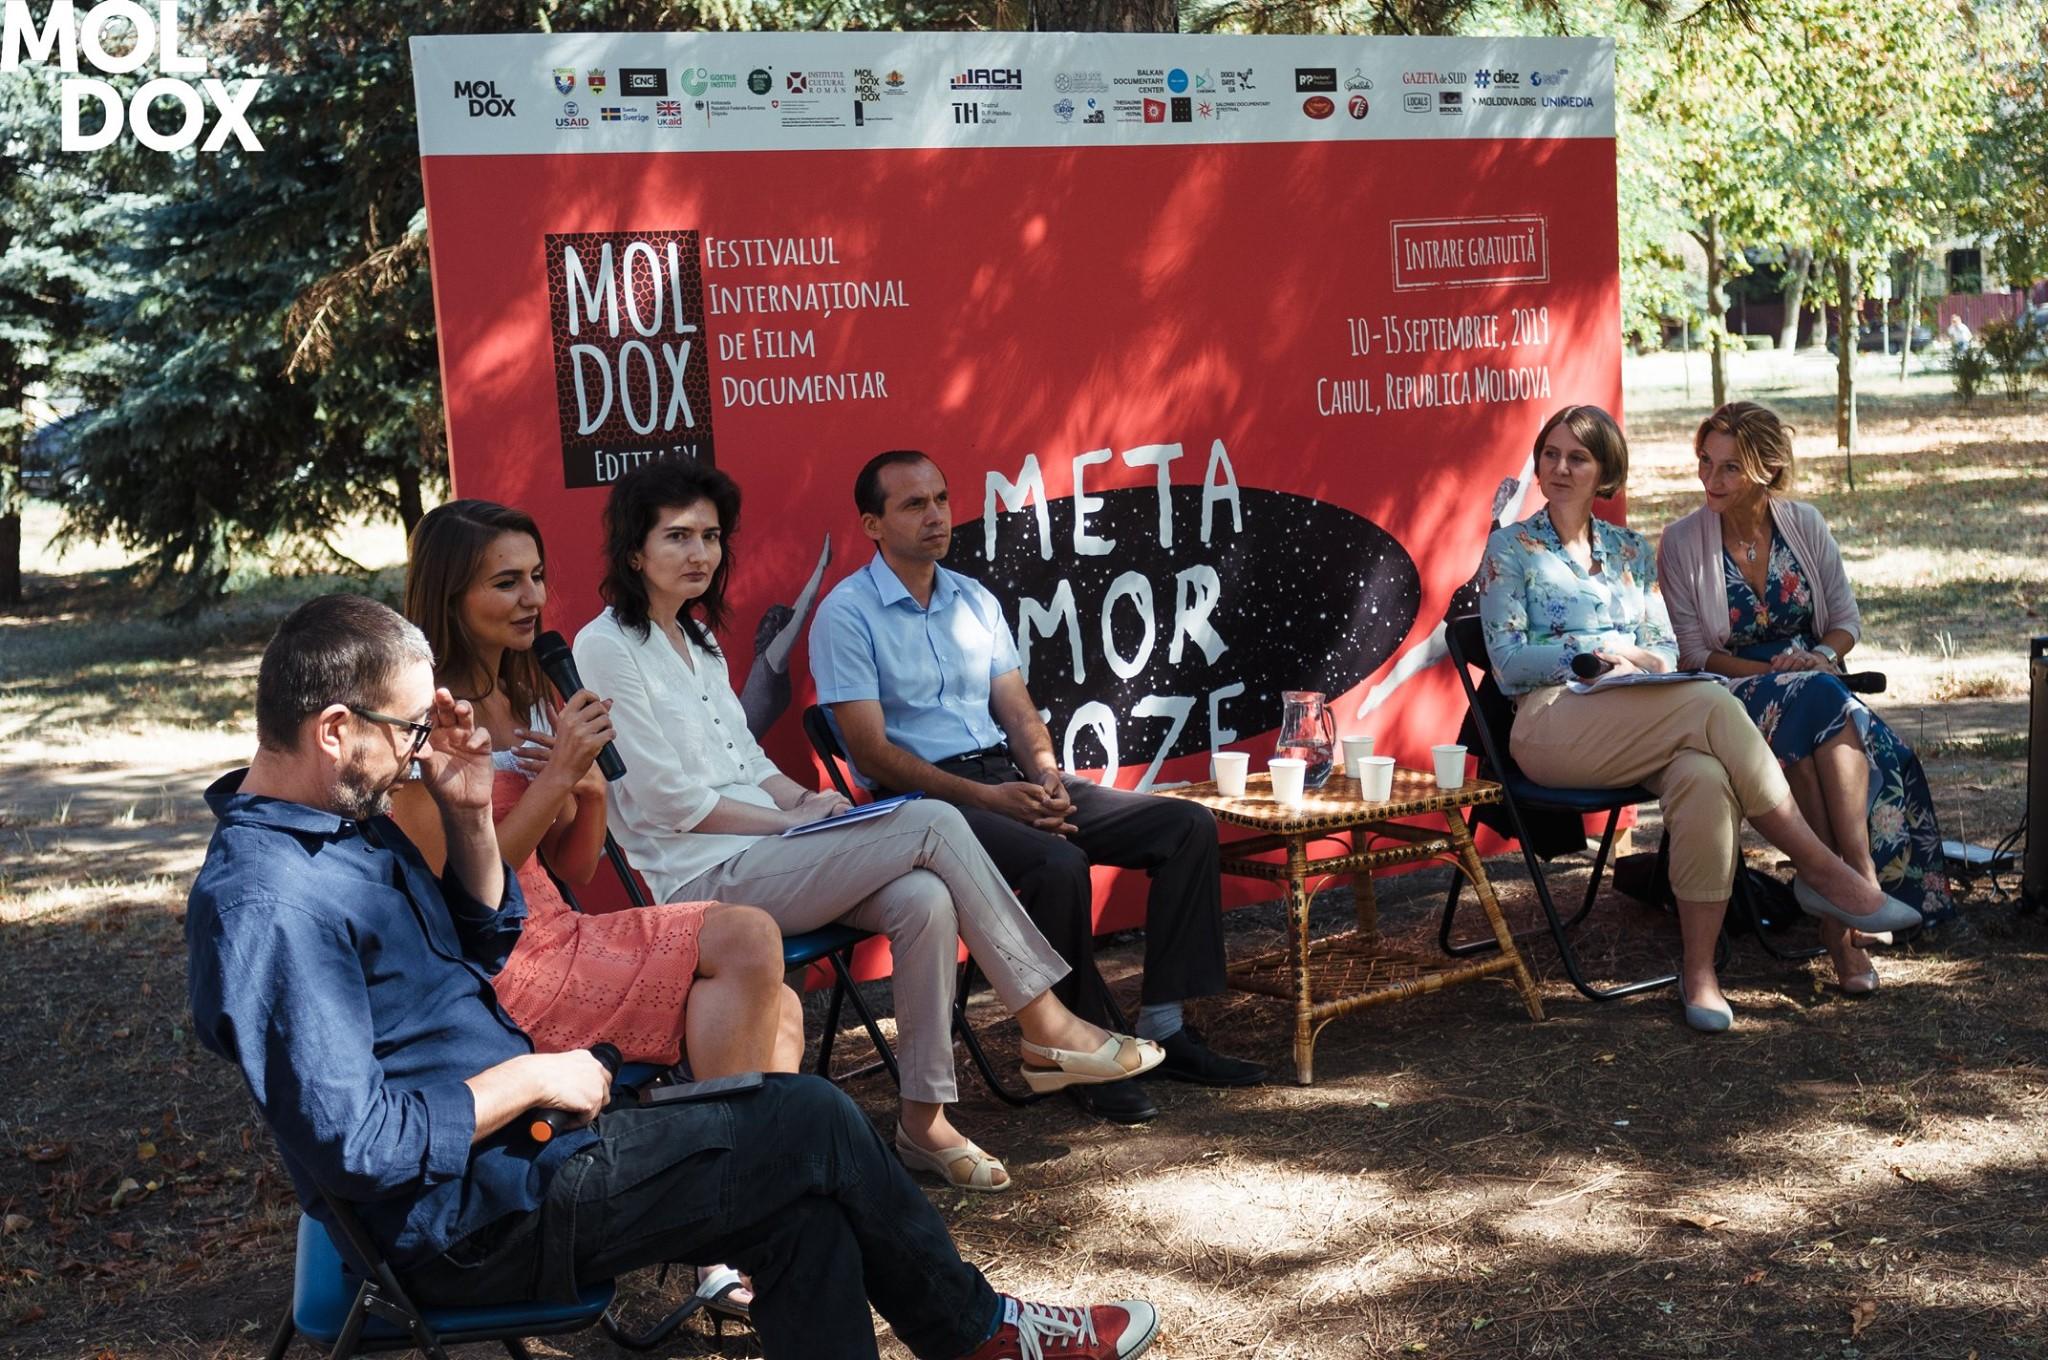 """Cum filmul transformă provincia moldovenească? Maxim Cârlan, despre festivalul """"Moldox"""", semințe de floarea soarelui și autocenzură în Moldova. Interviu NM"""